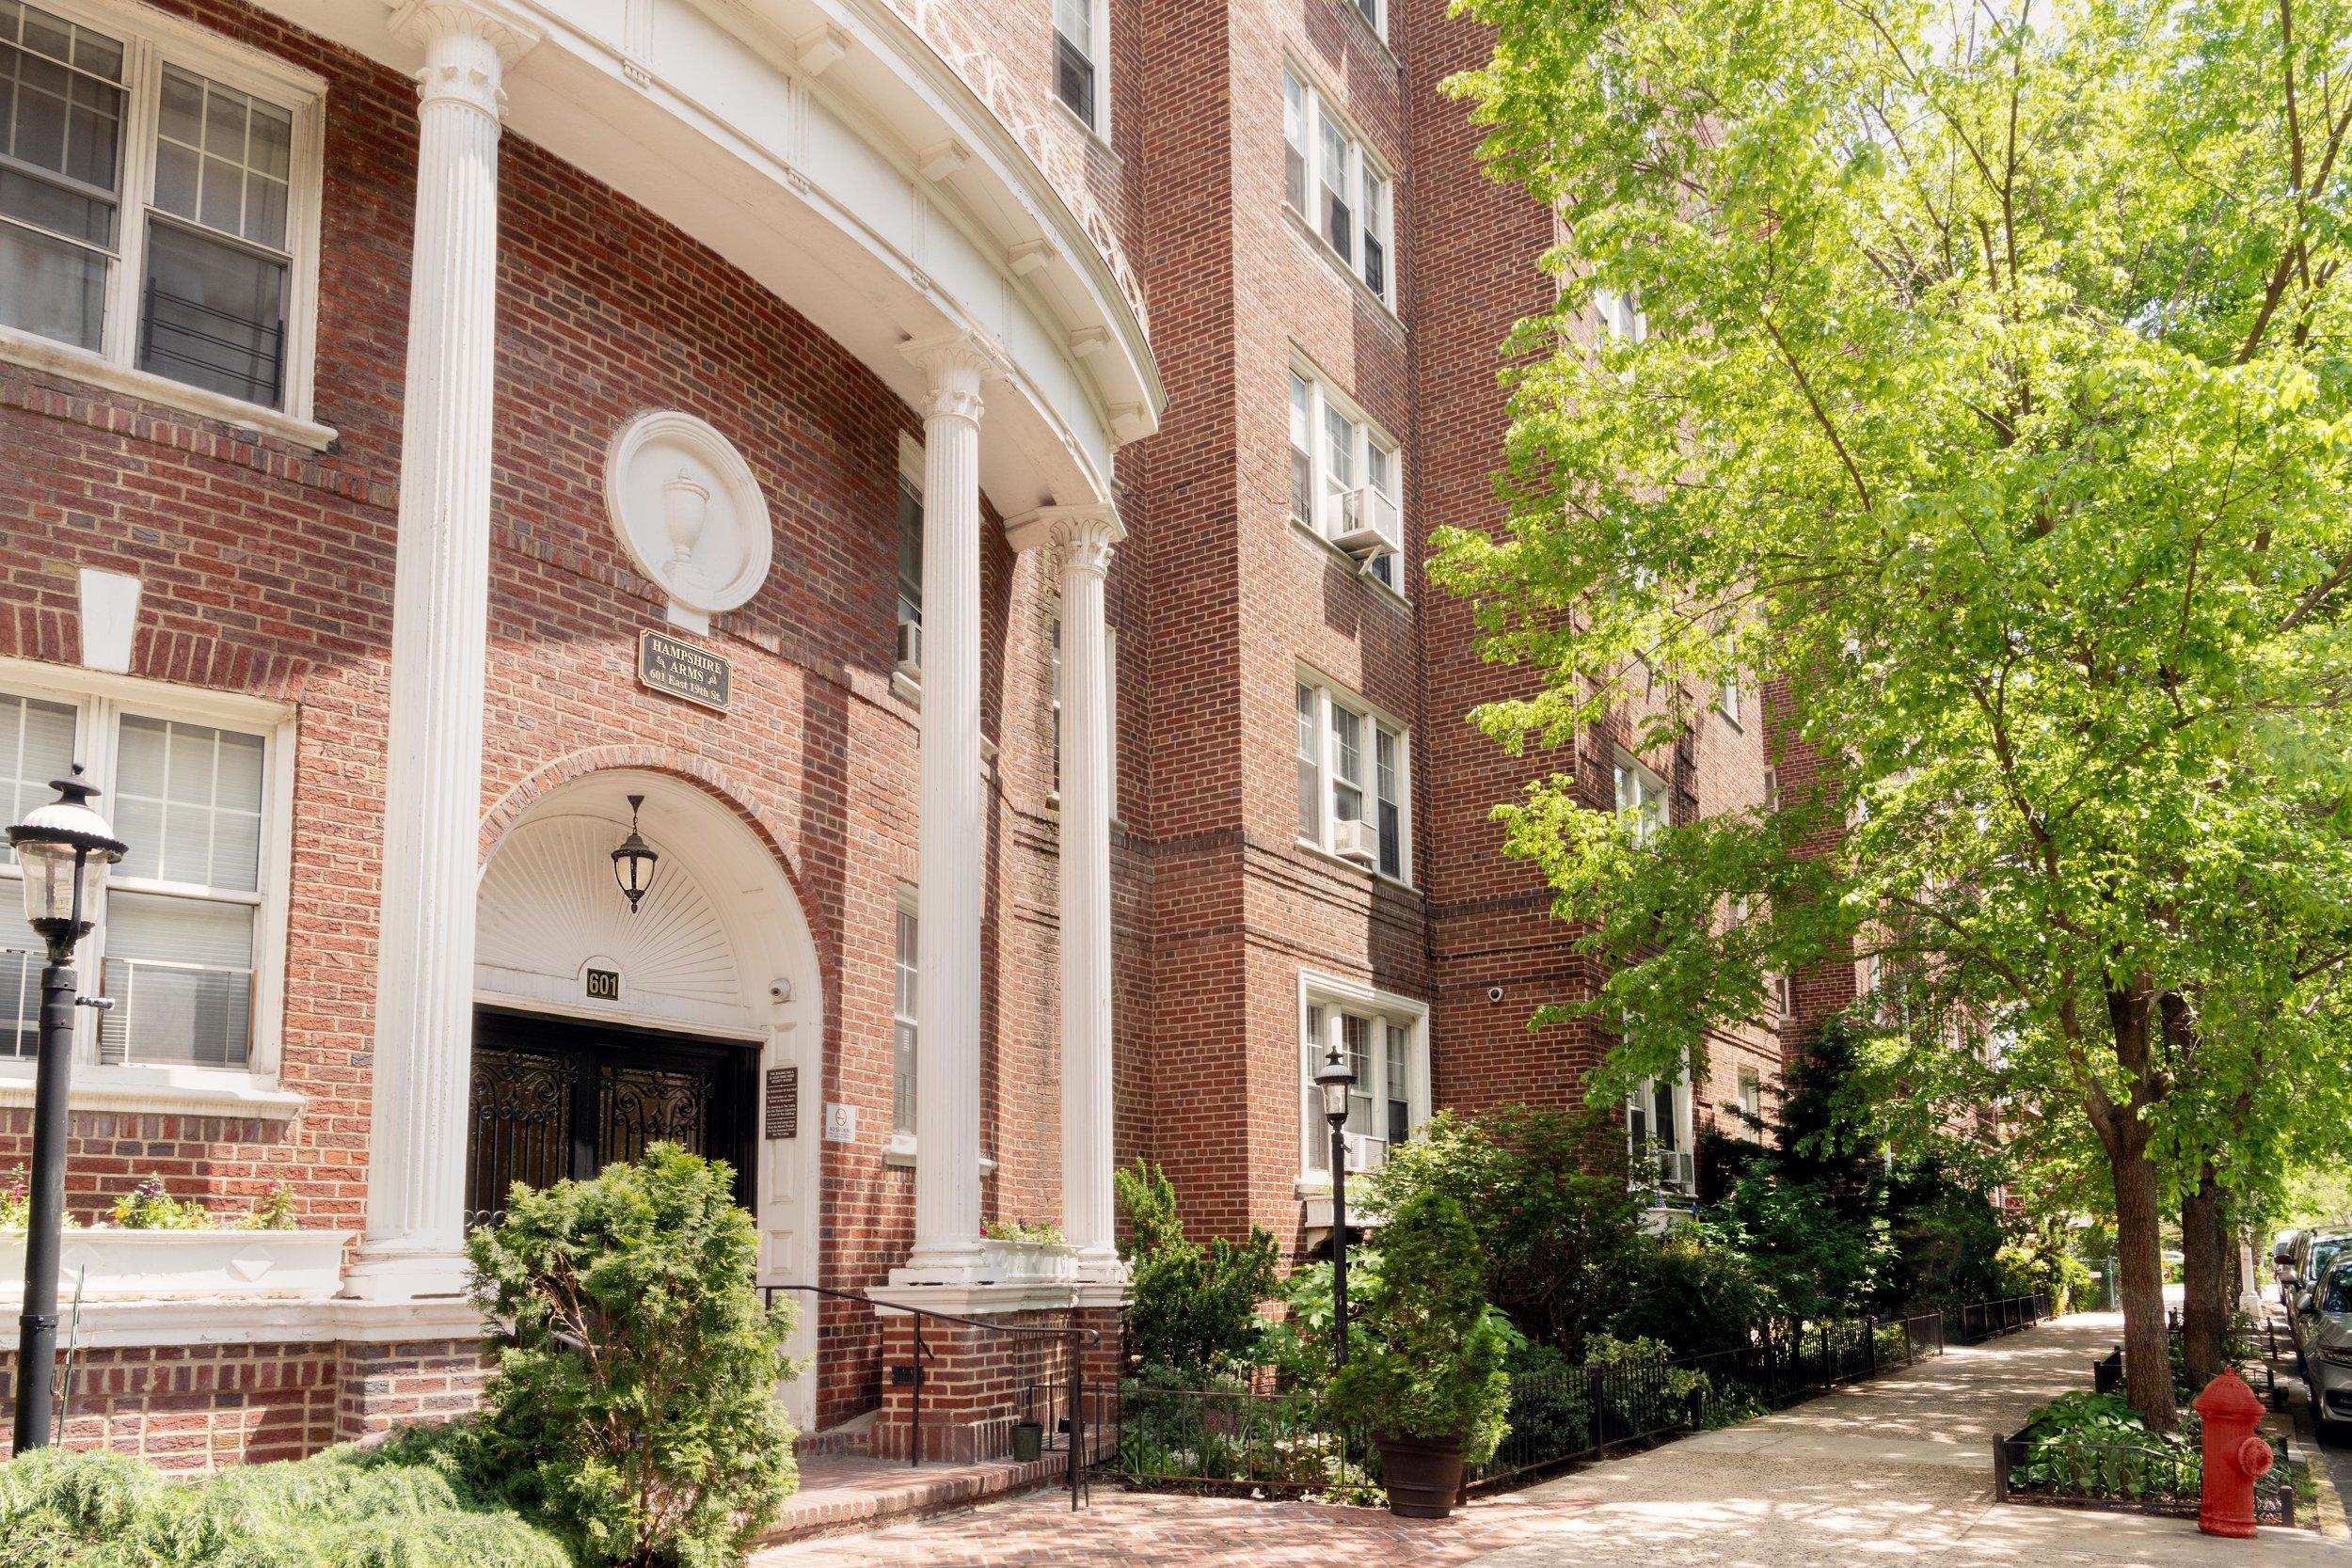 601 E 19th Street, 3C - $350,000 - Ditmas Park